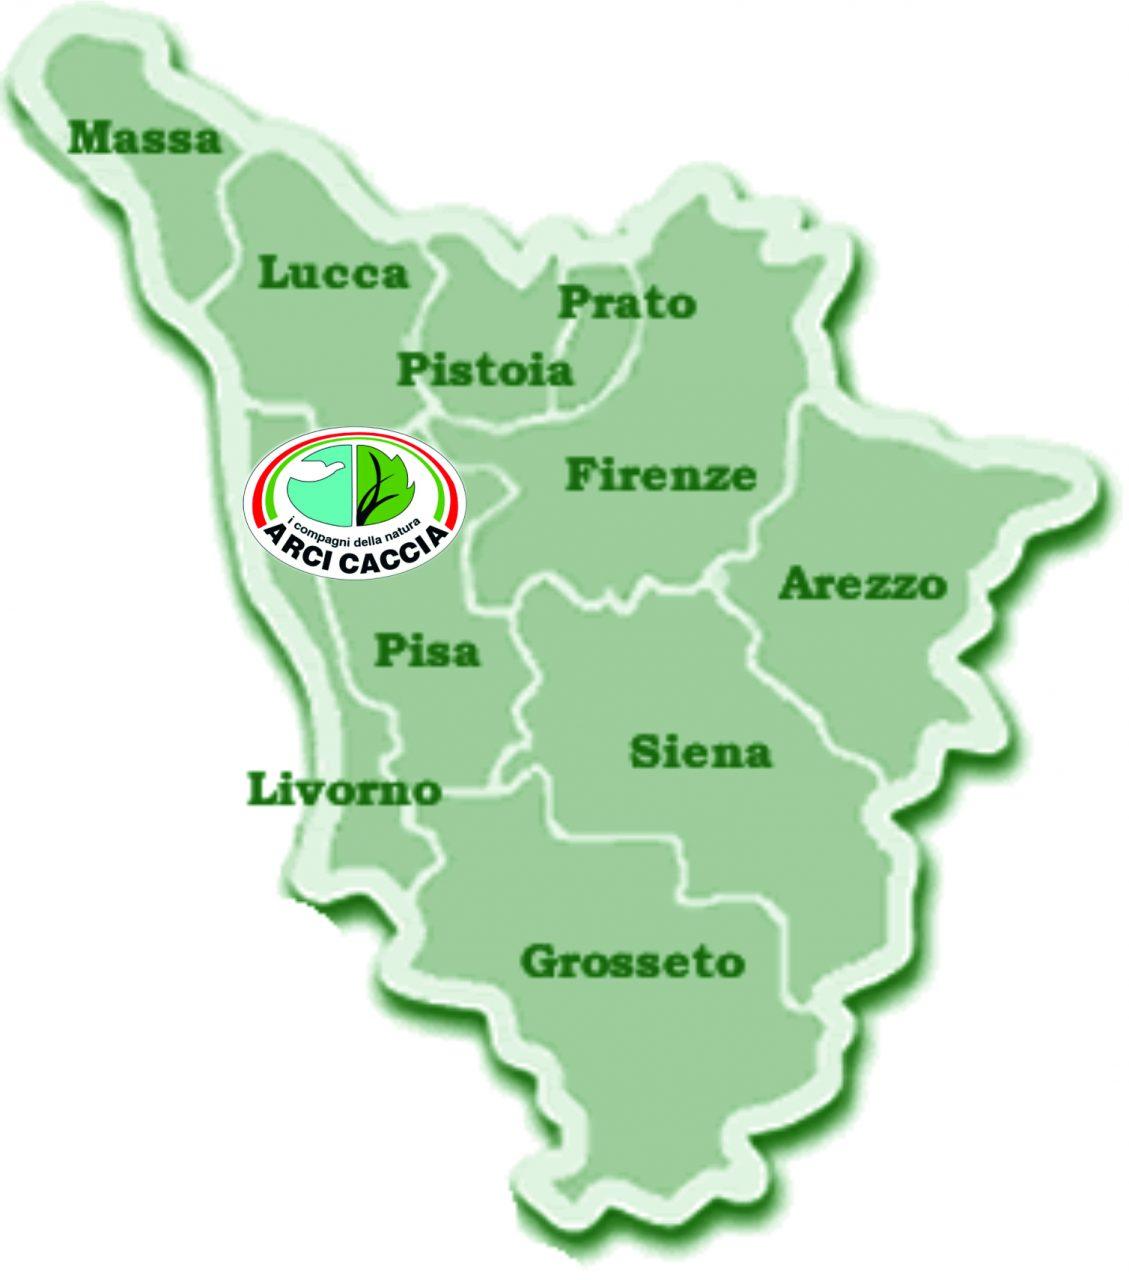 Calendario Venatorio Puglia Ultime Notizie.News Arci Caccia Nazionale Tutte Le Novita Sulla Caccia